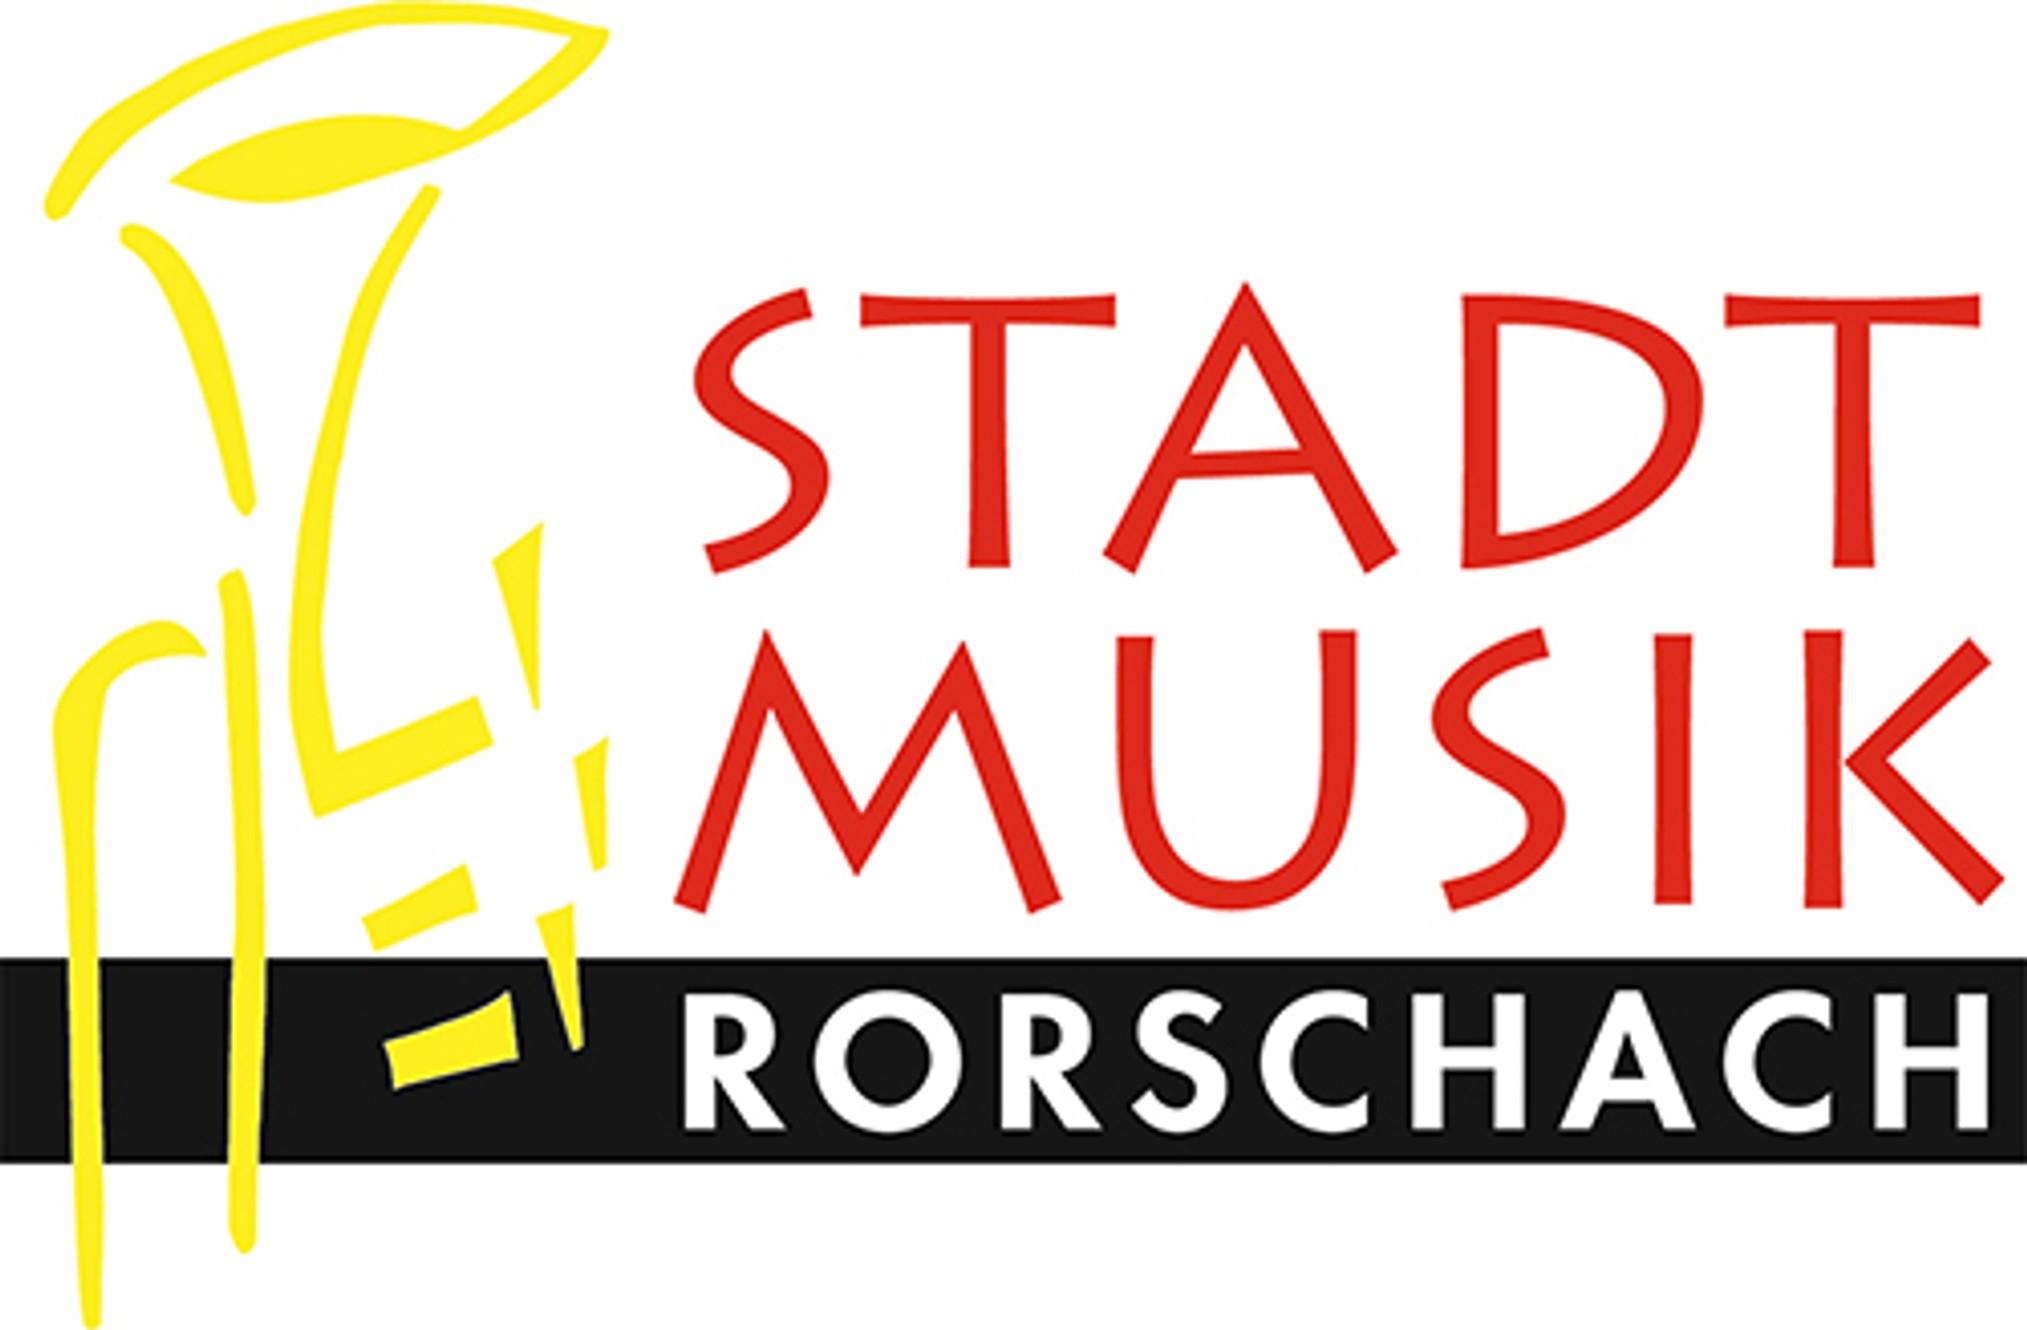 Stadtmusik Rorschach